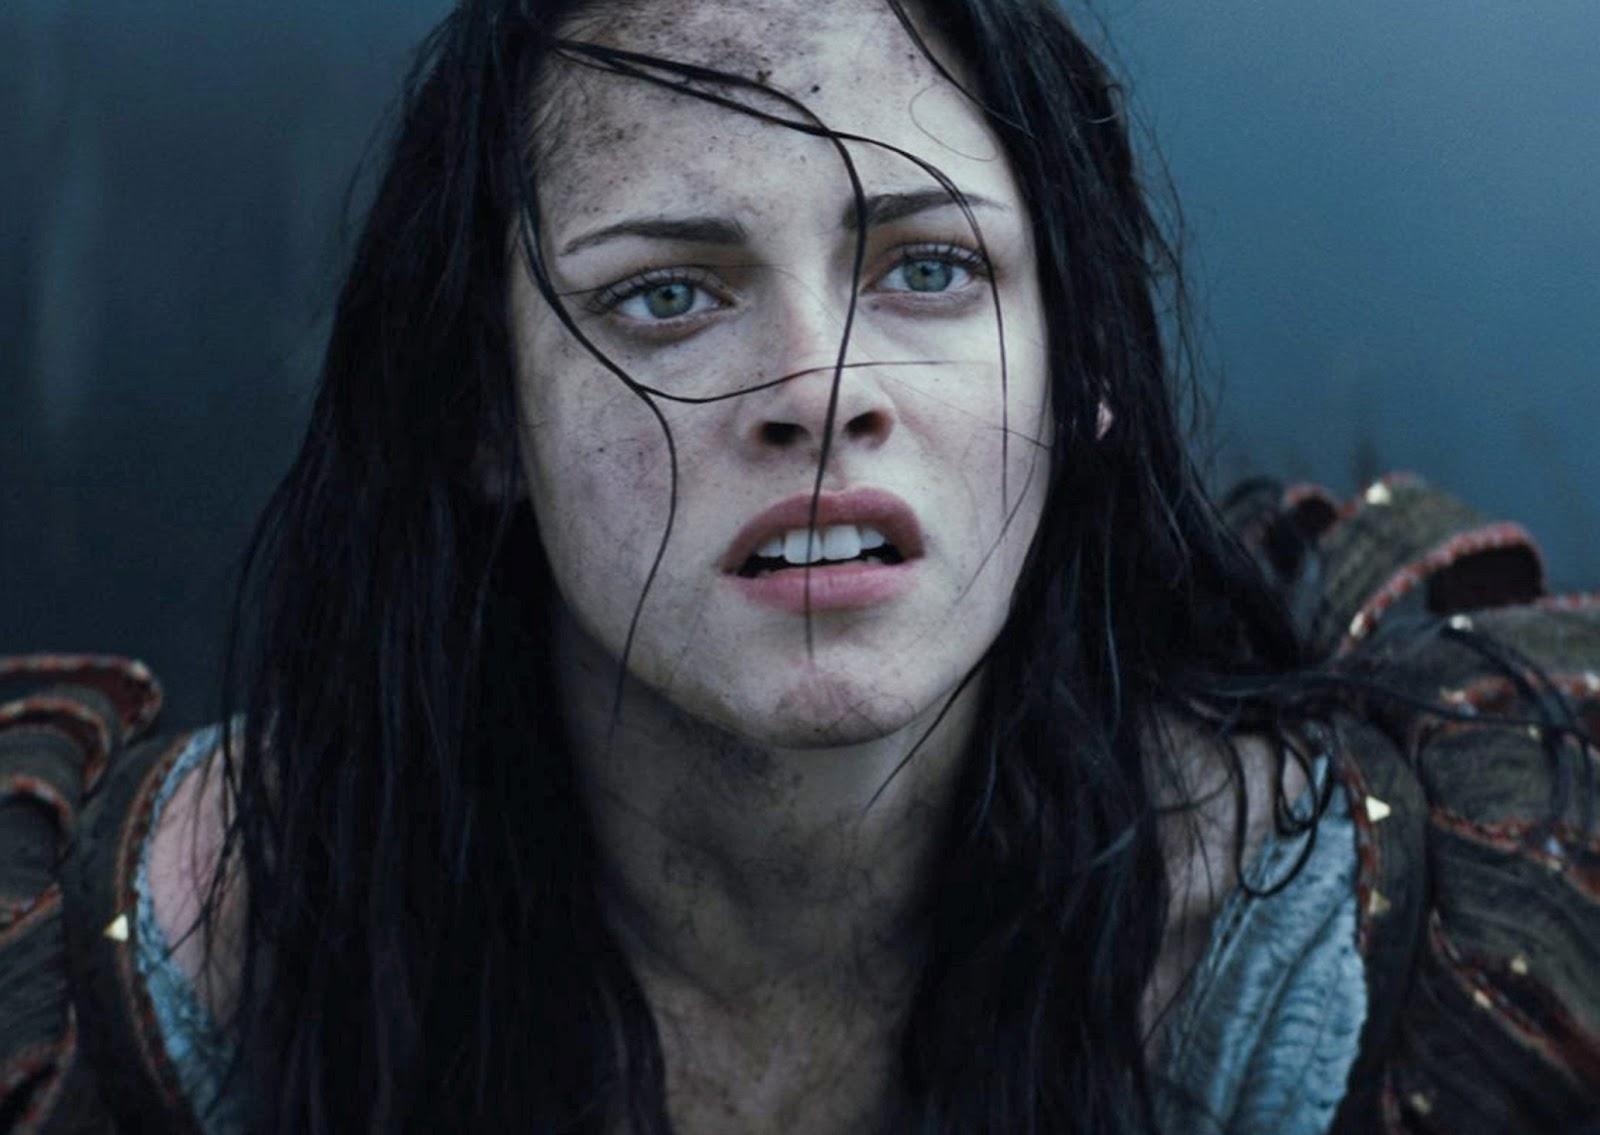 Top 10 Worst Films of 2012 - Film Geek Guy